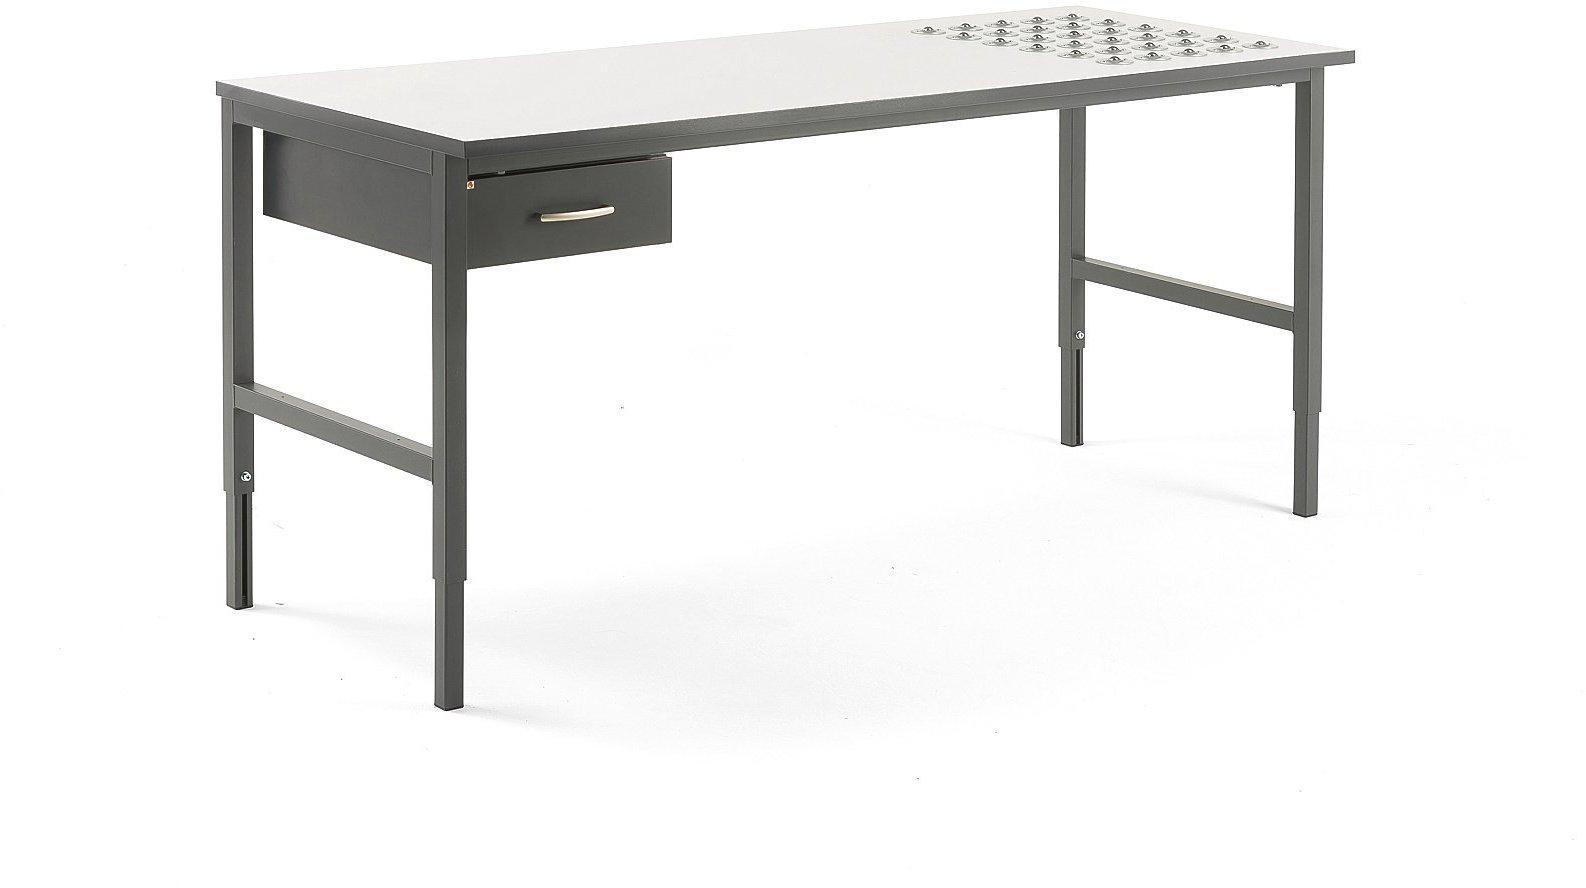 Dielenský stôl Cargo s valčekmi, 2000x750 mm, 1 zásuvka